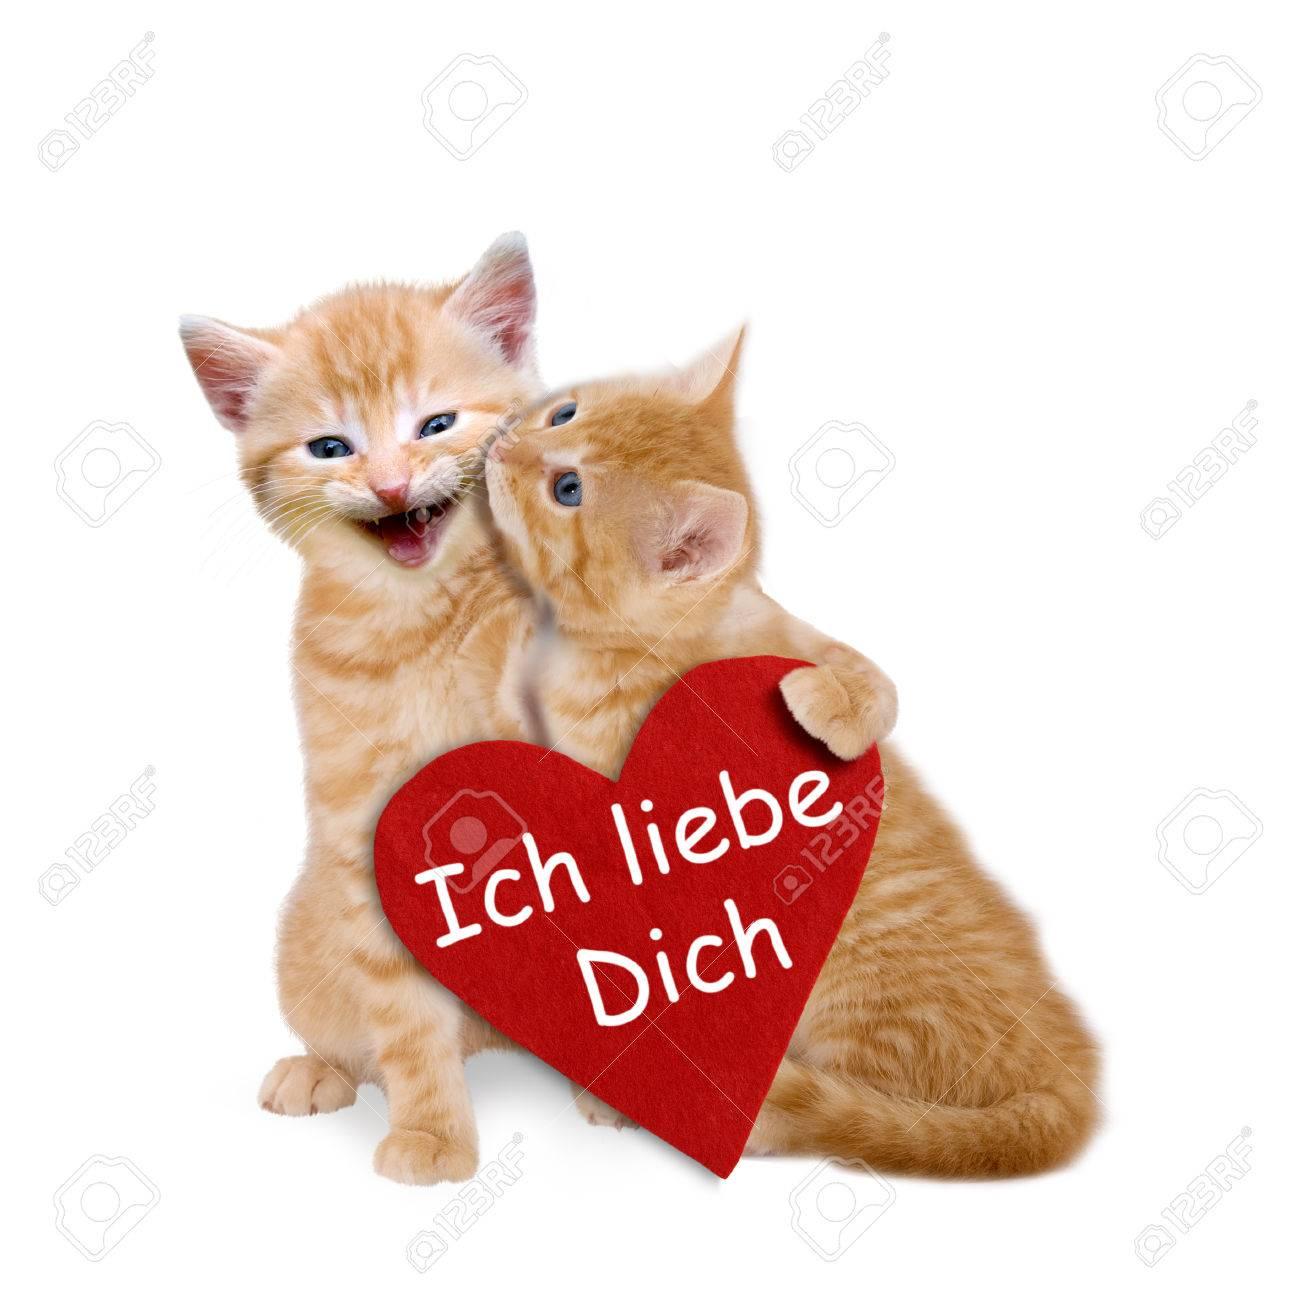 Banque dimages , Deux chats amoureux de coeur rouge sur fond blanc